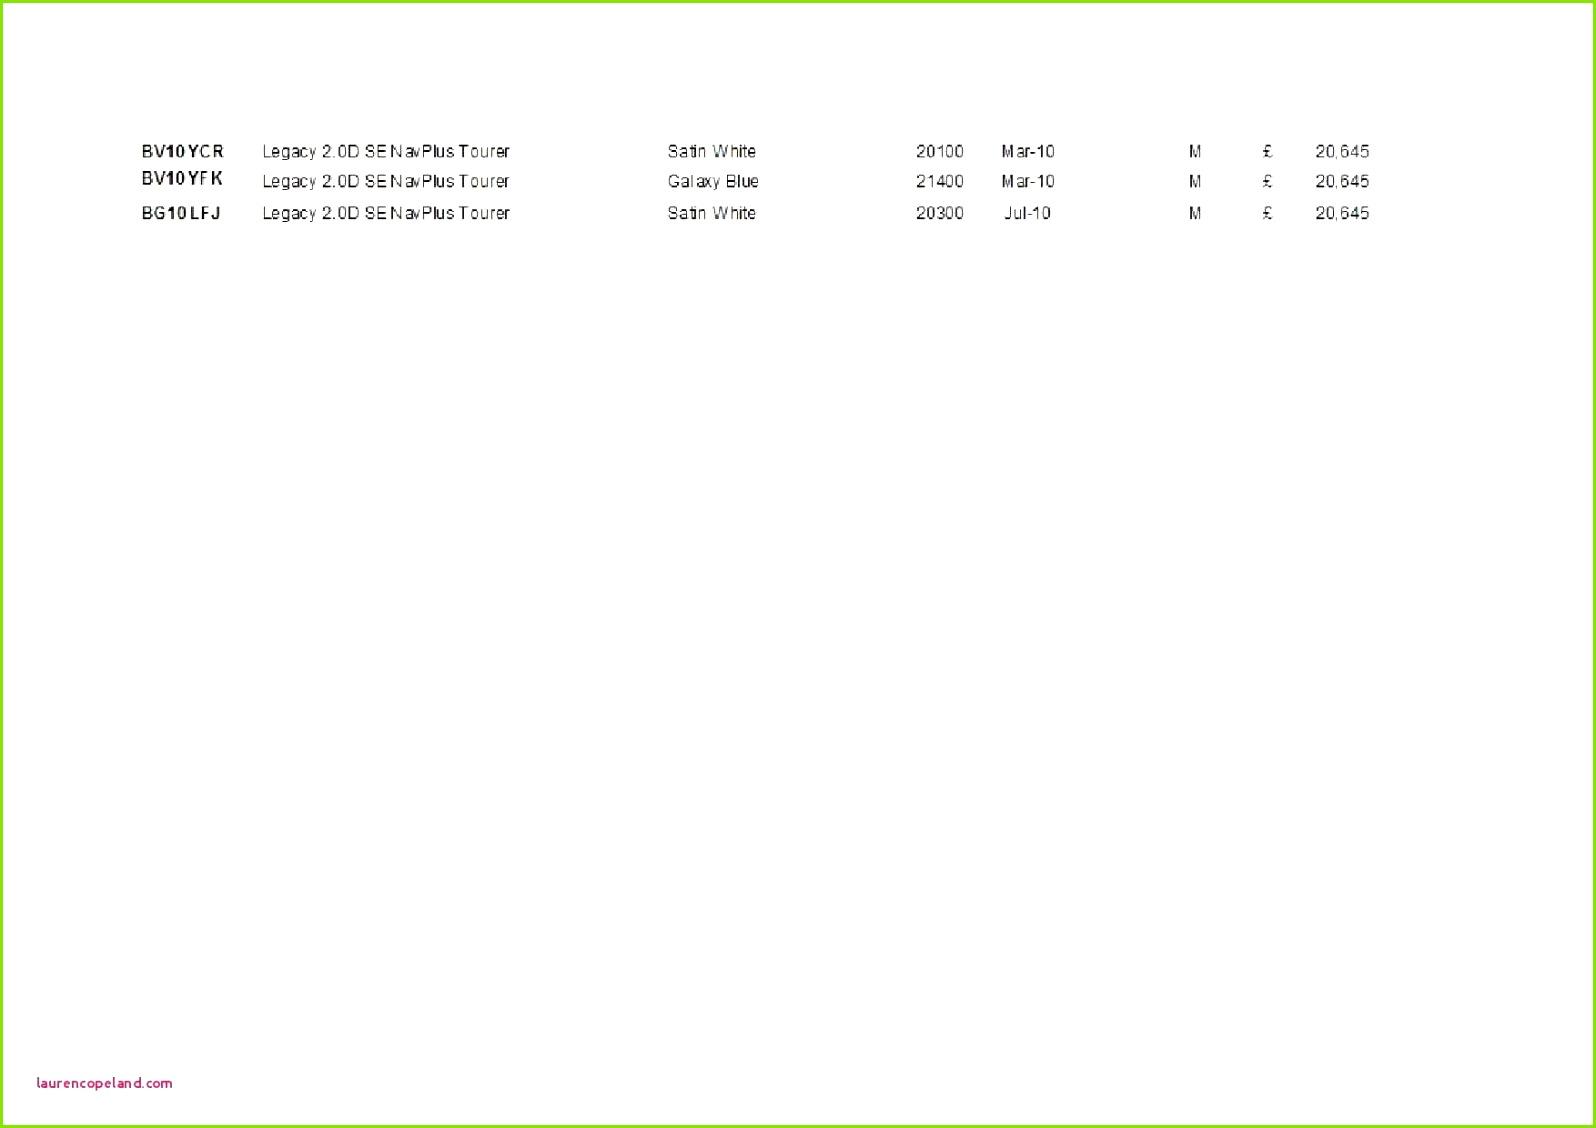 Schichtplan Excel Vorlage Dienstplan Vorlage Excel Und Monats Friedlich Keyword